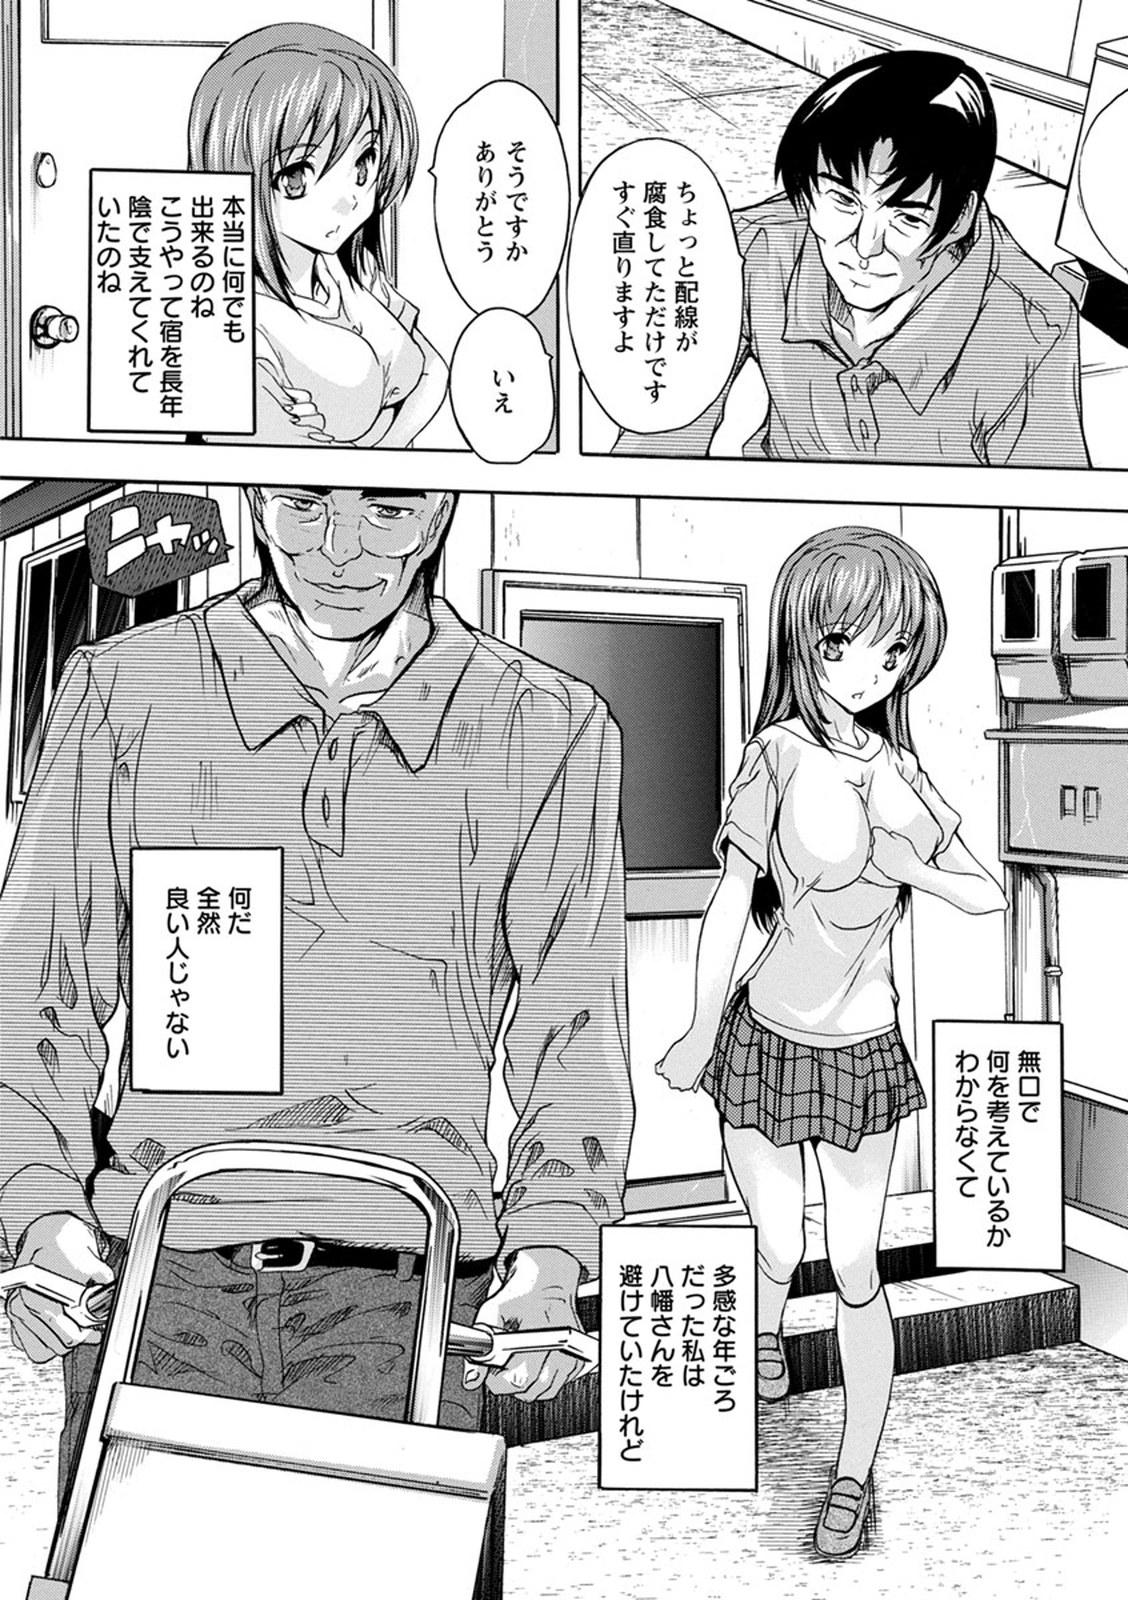 【エロ漫画】温泉宿の娘が下男に脅迫され処女を散らされたあげく妊娠wwww